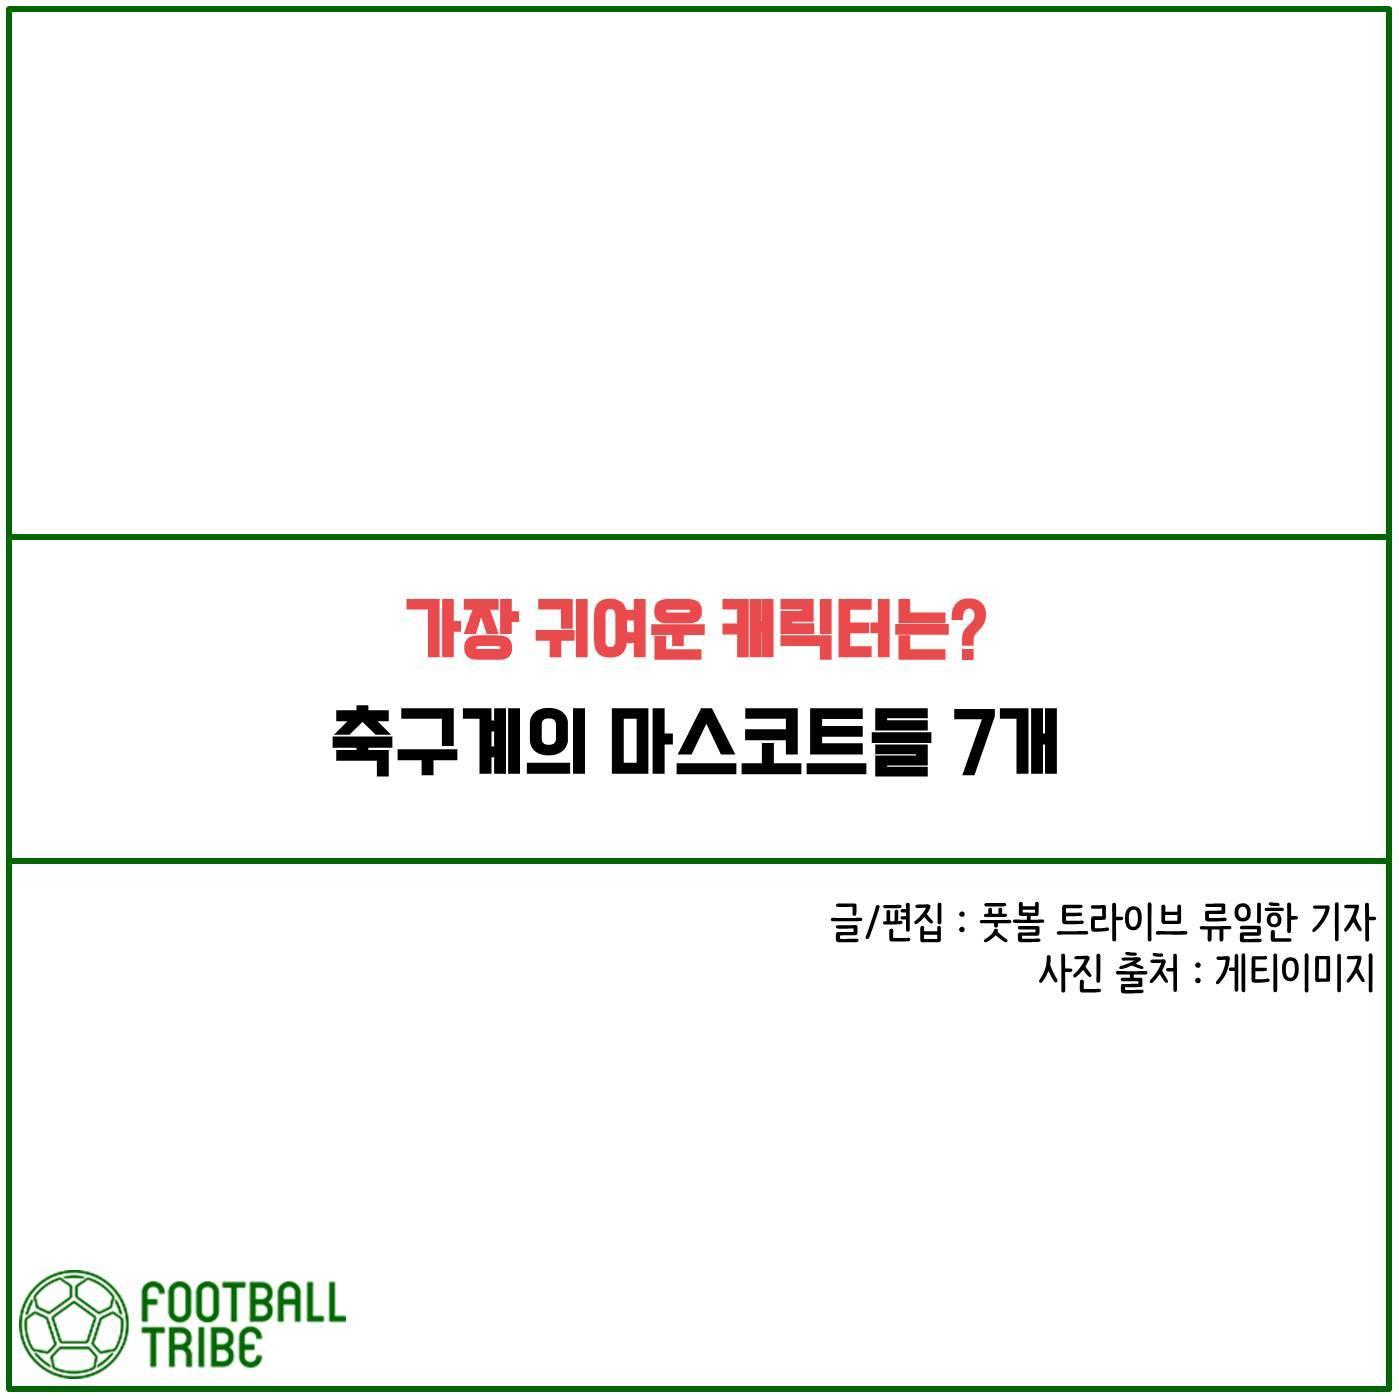 [카드 뉴스] 축구계의 마스코트들 7개